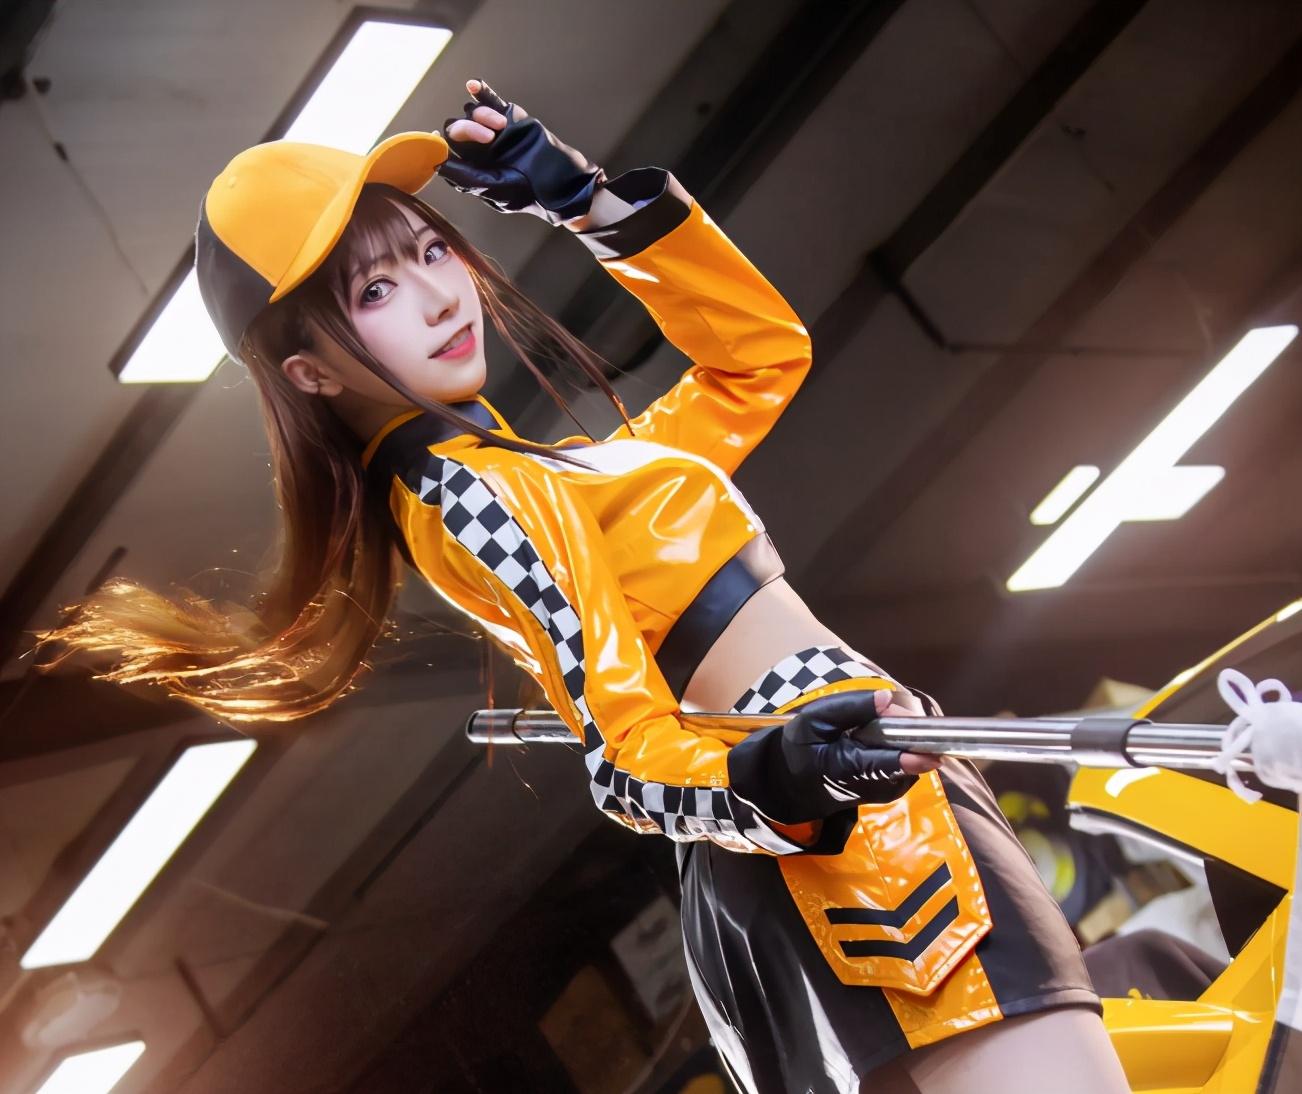 《【煜星娱乐注册平台官网】当飞车小橘子遇上Coser,回忆中的香车和小姐姐,让人又想开车了》